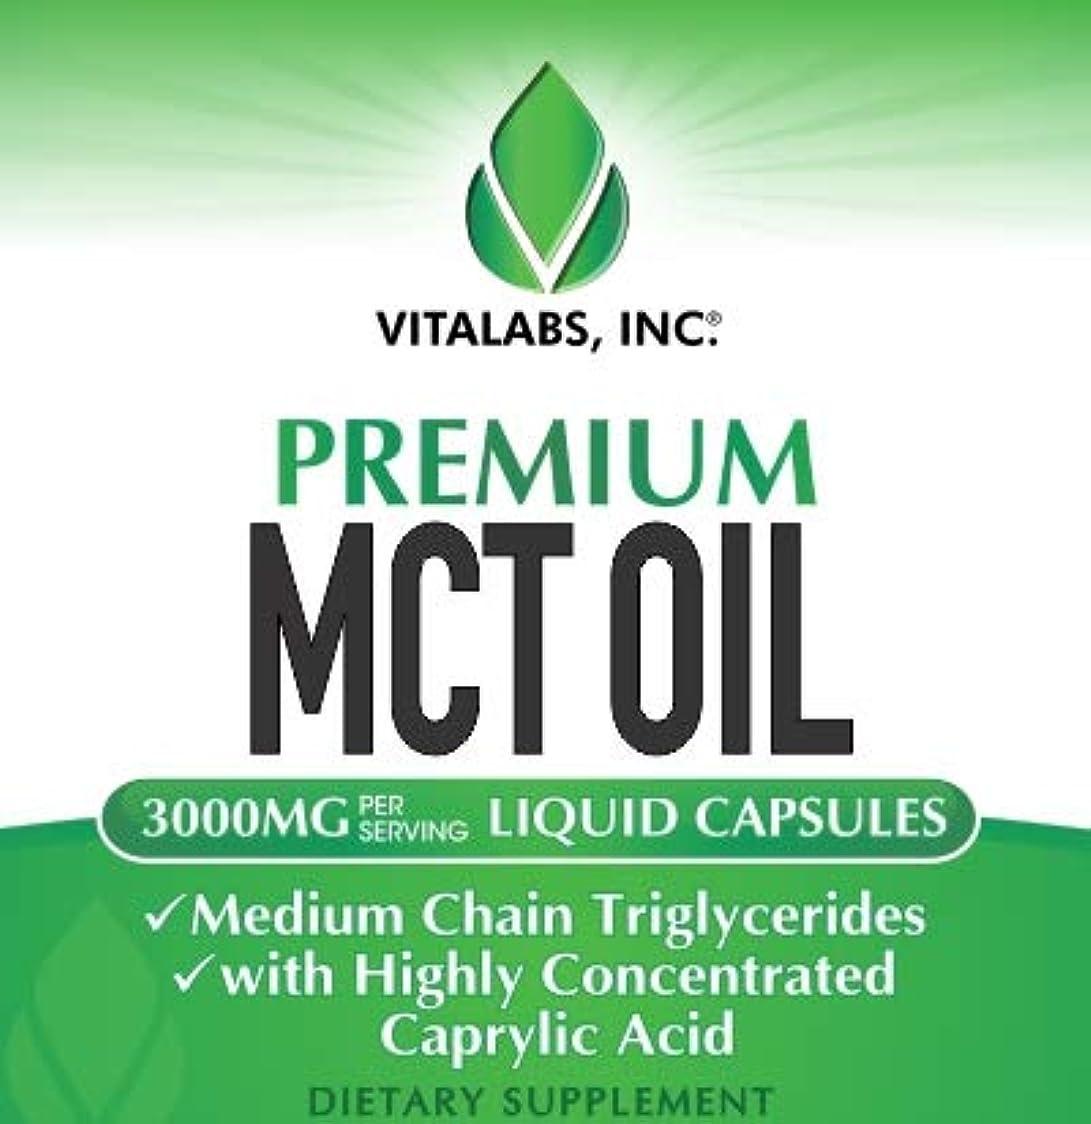 囲まれたアイデアクリップ蝶取りやすいジェルカプセルタイプ?ココナッツ由来-MCT オイル/3000mg(1Serving=4カプセル) 120Capsules 【Vitalabs.MCT Oil】 (1)